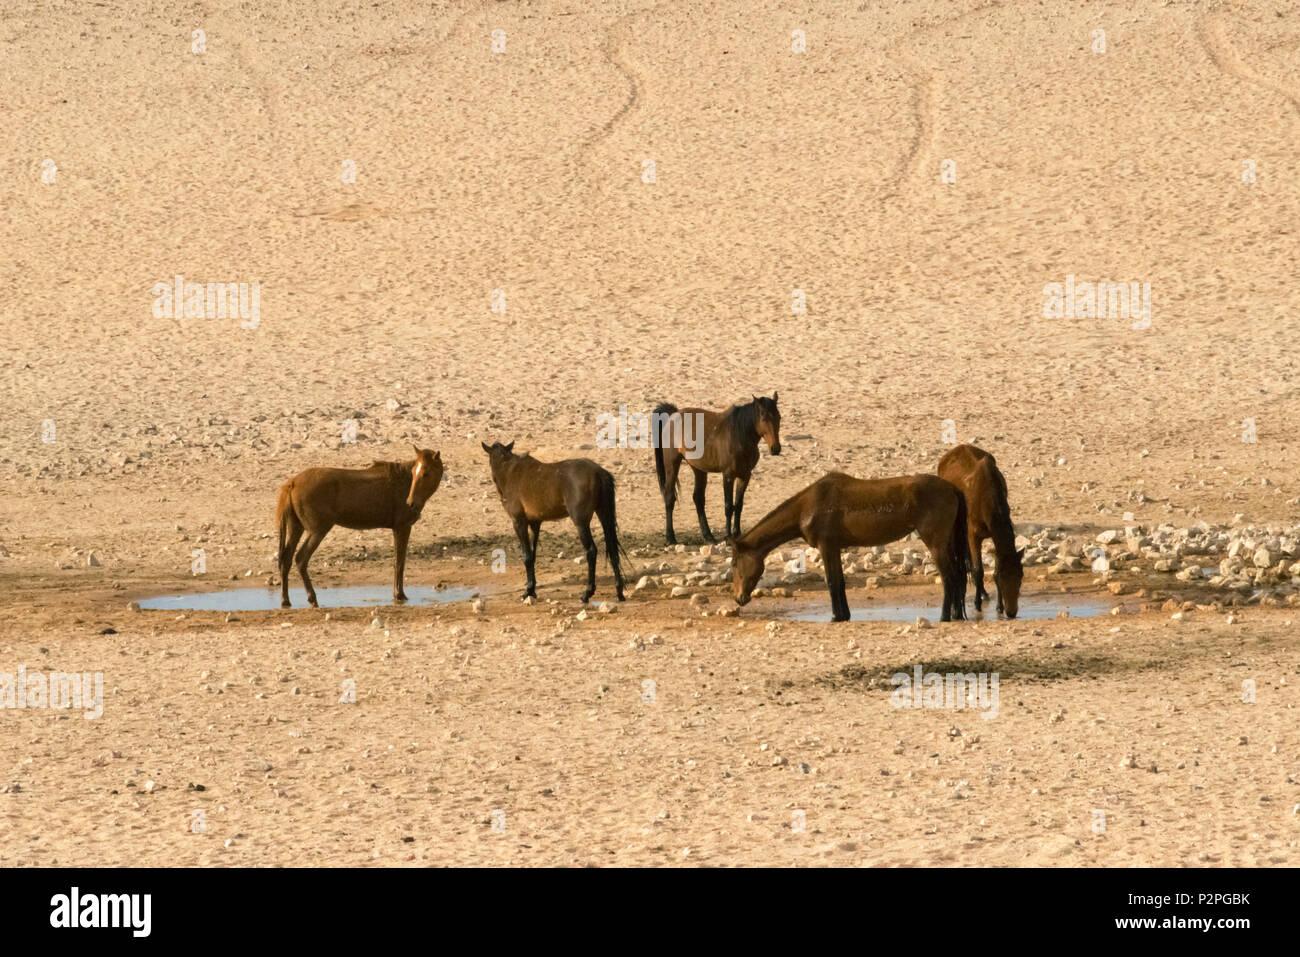 Wild horses on southern Namib Desert, Karas Region, Namibia - Stock Image